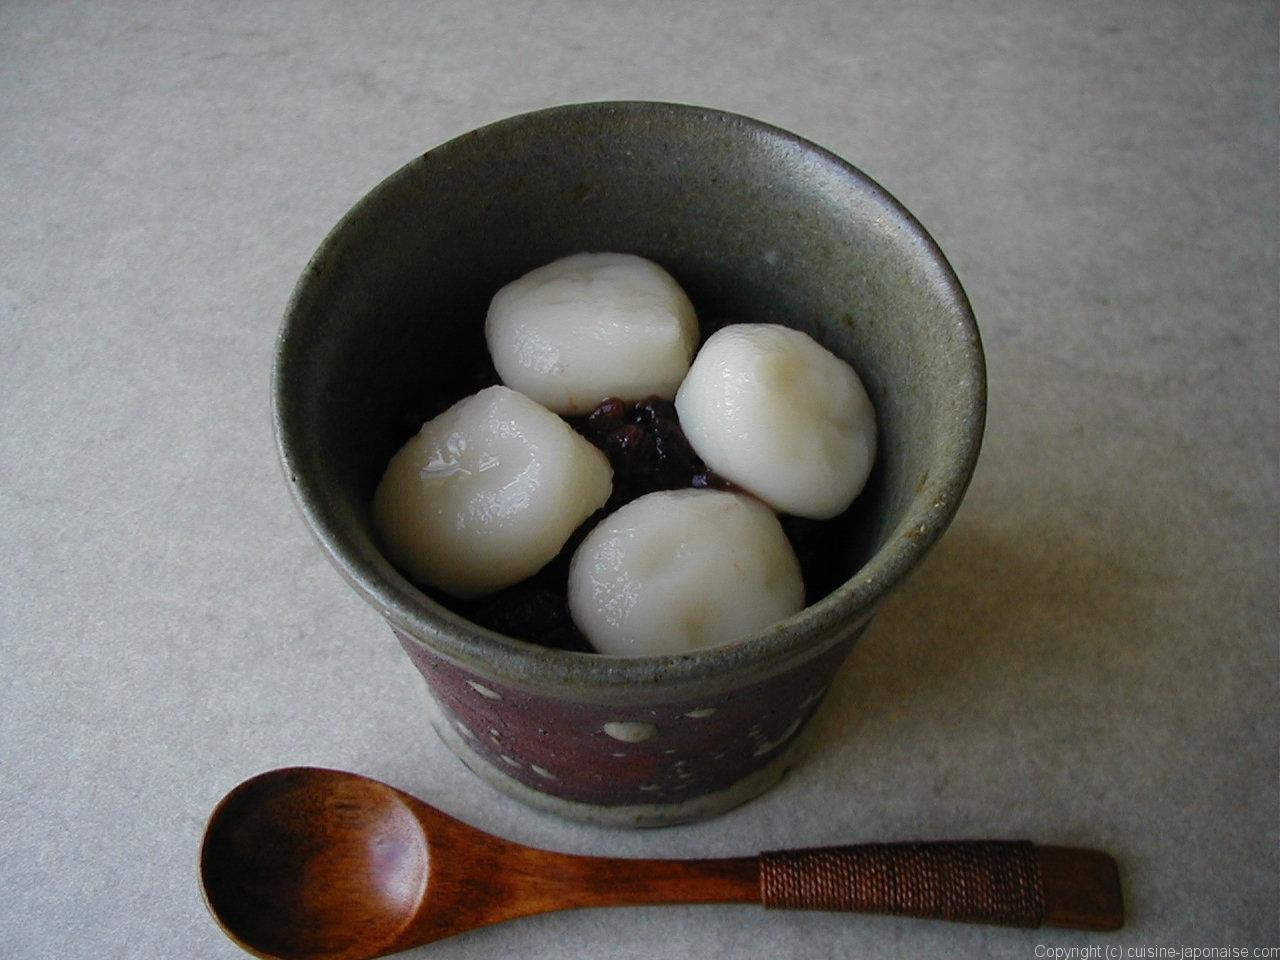 shiratamaazuki